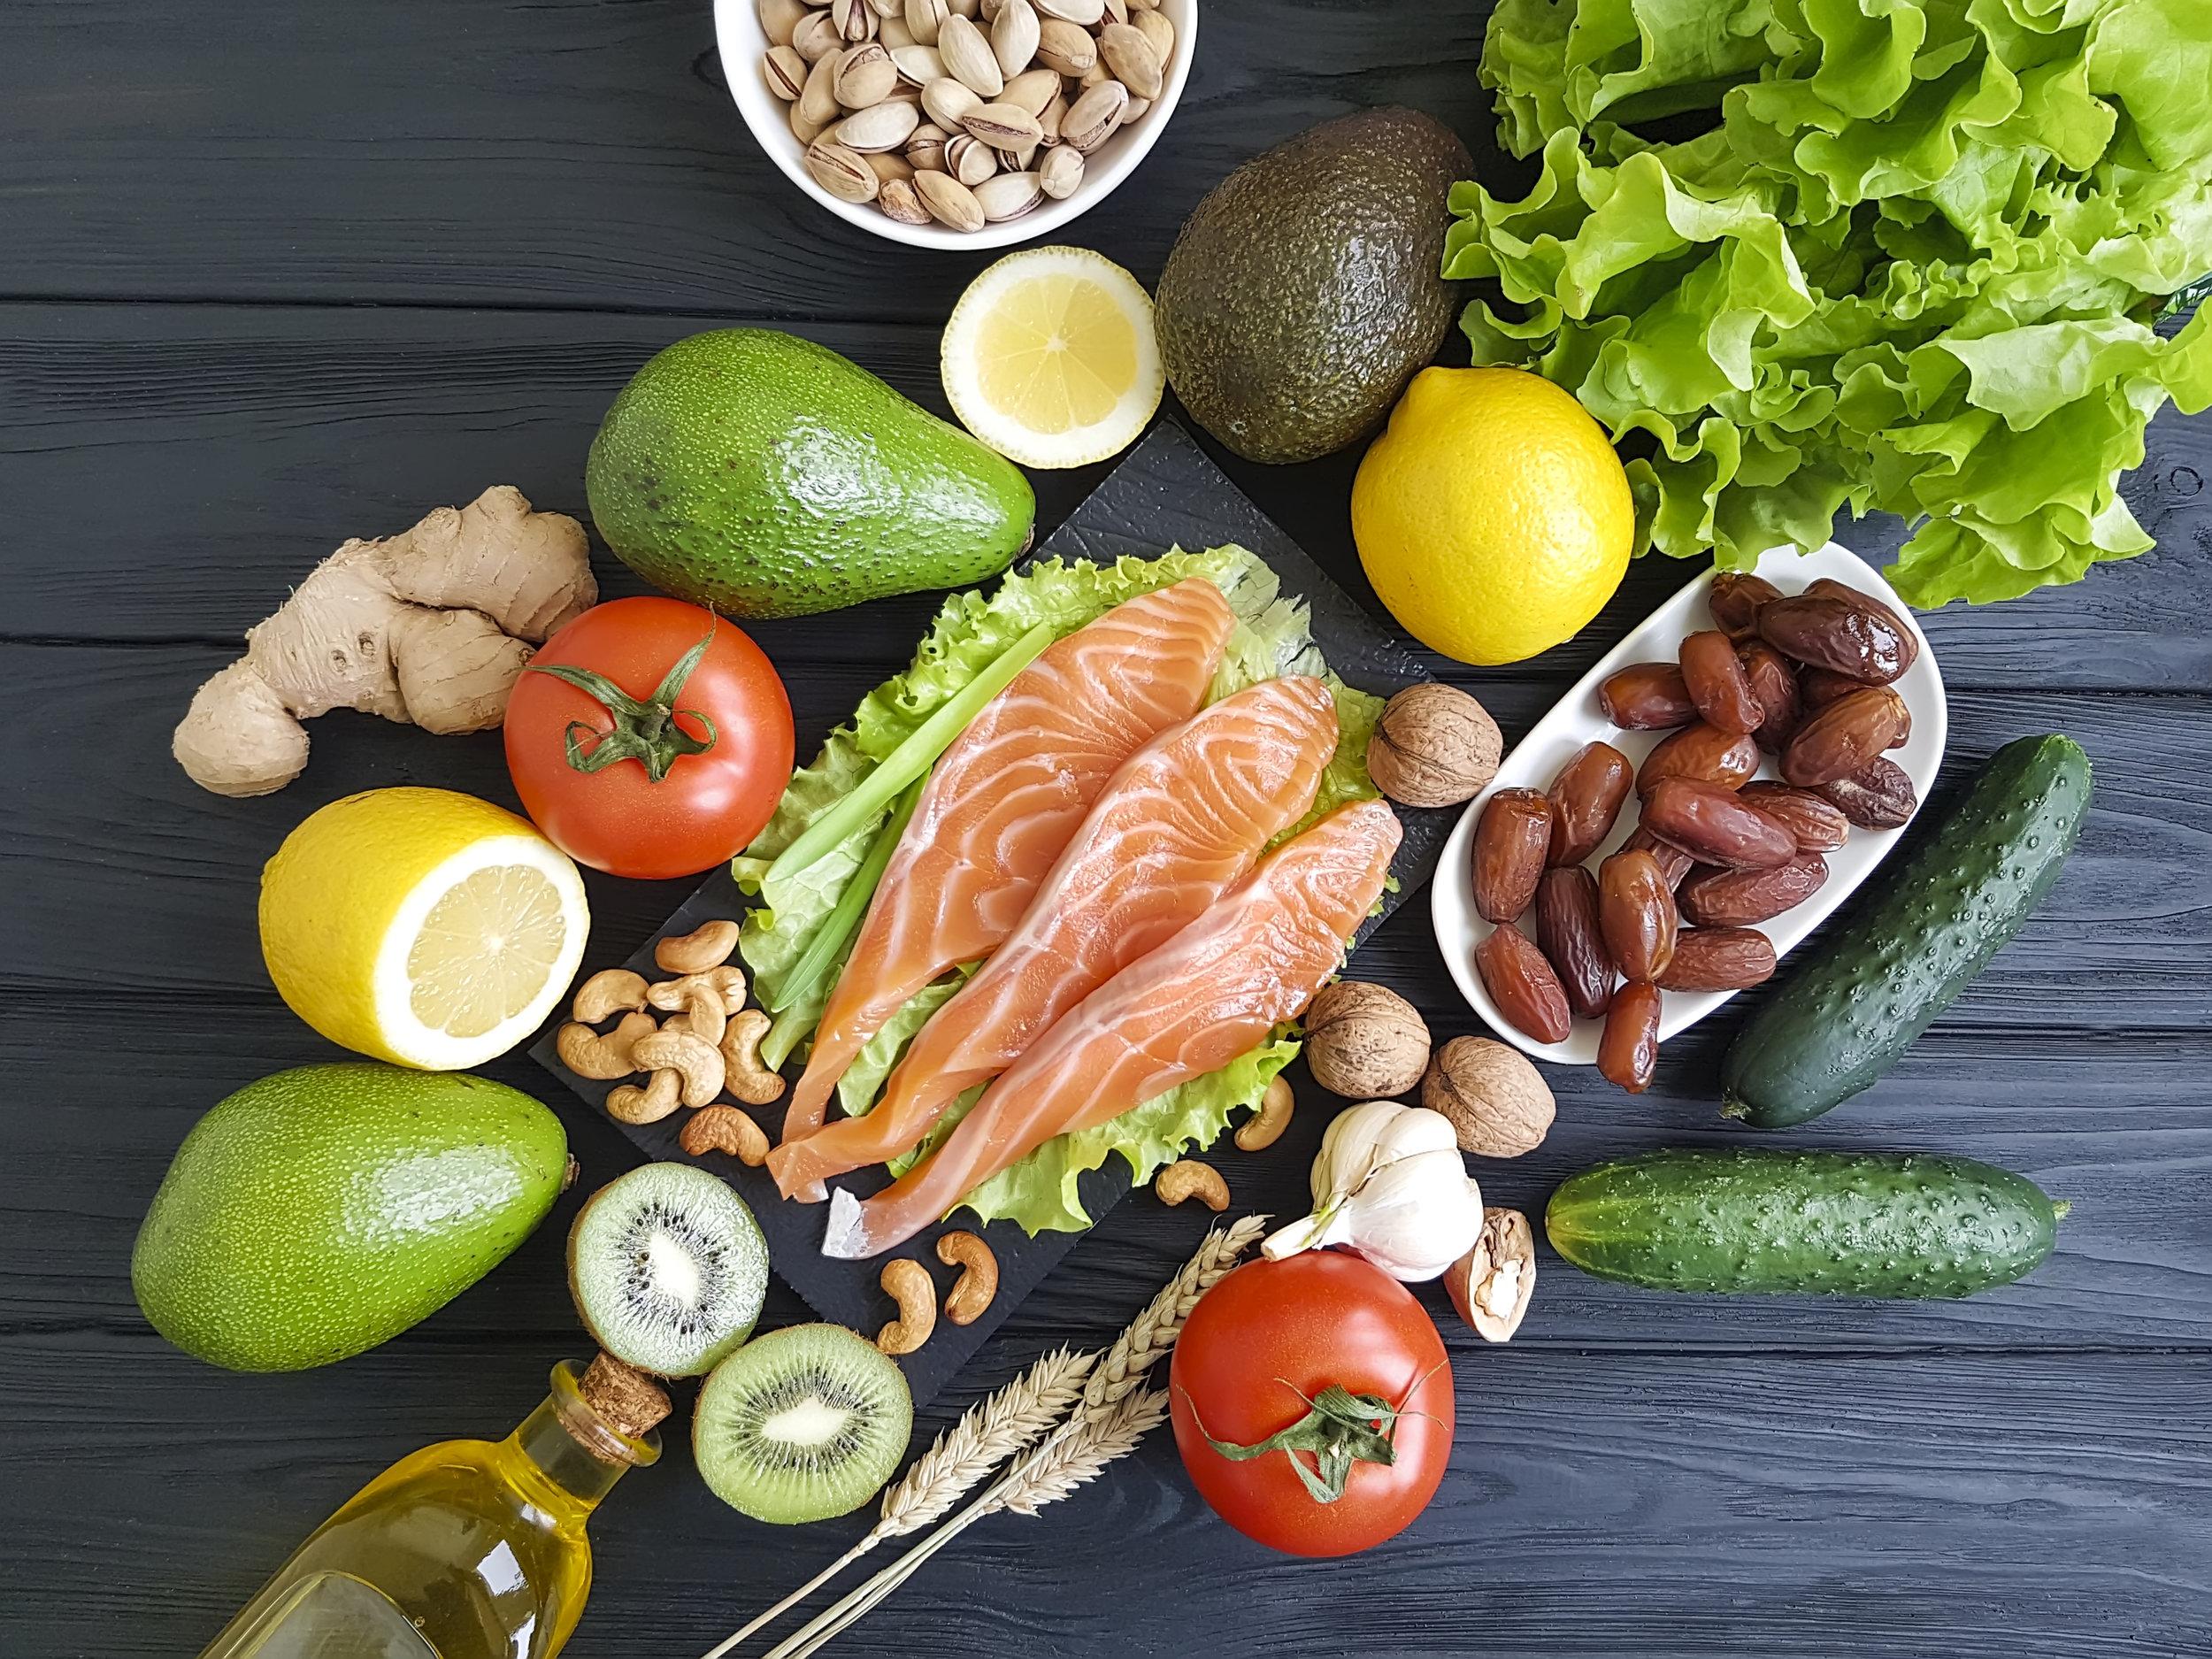 nutritionpagefeature.jpg